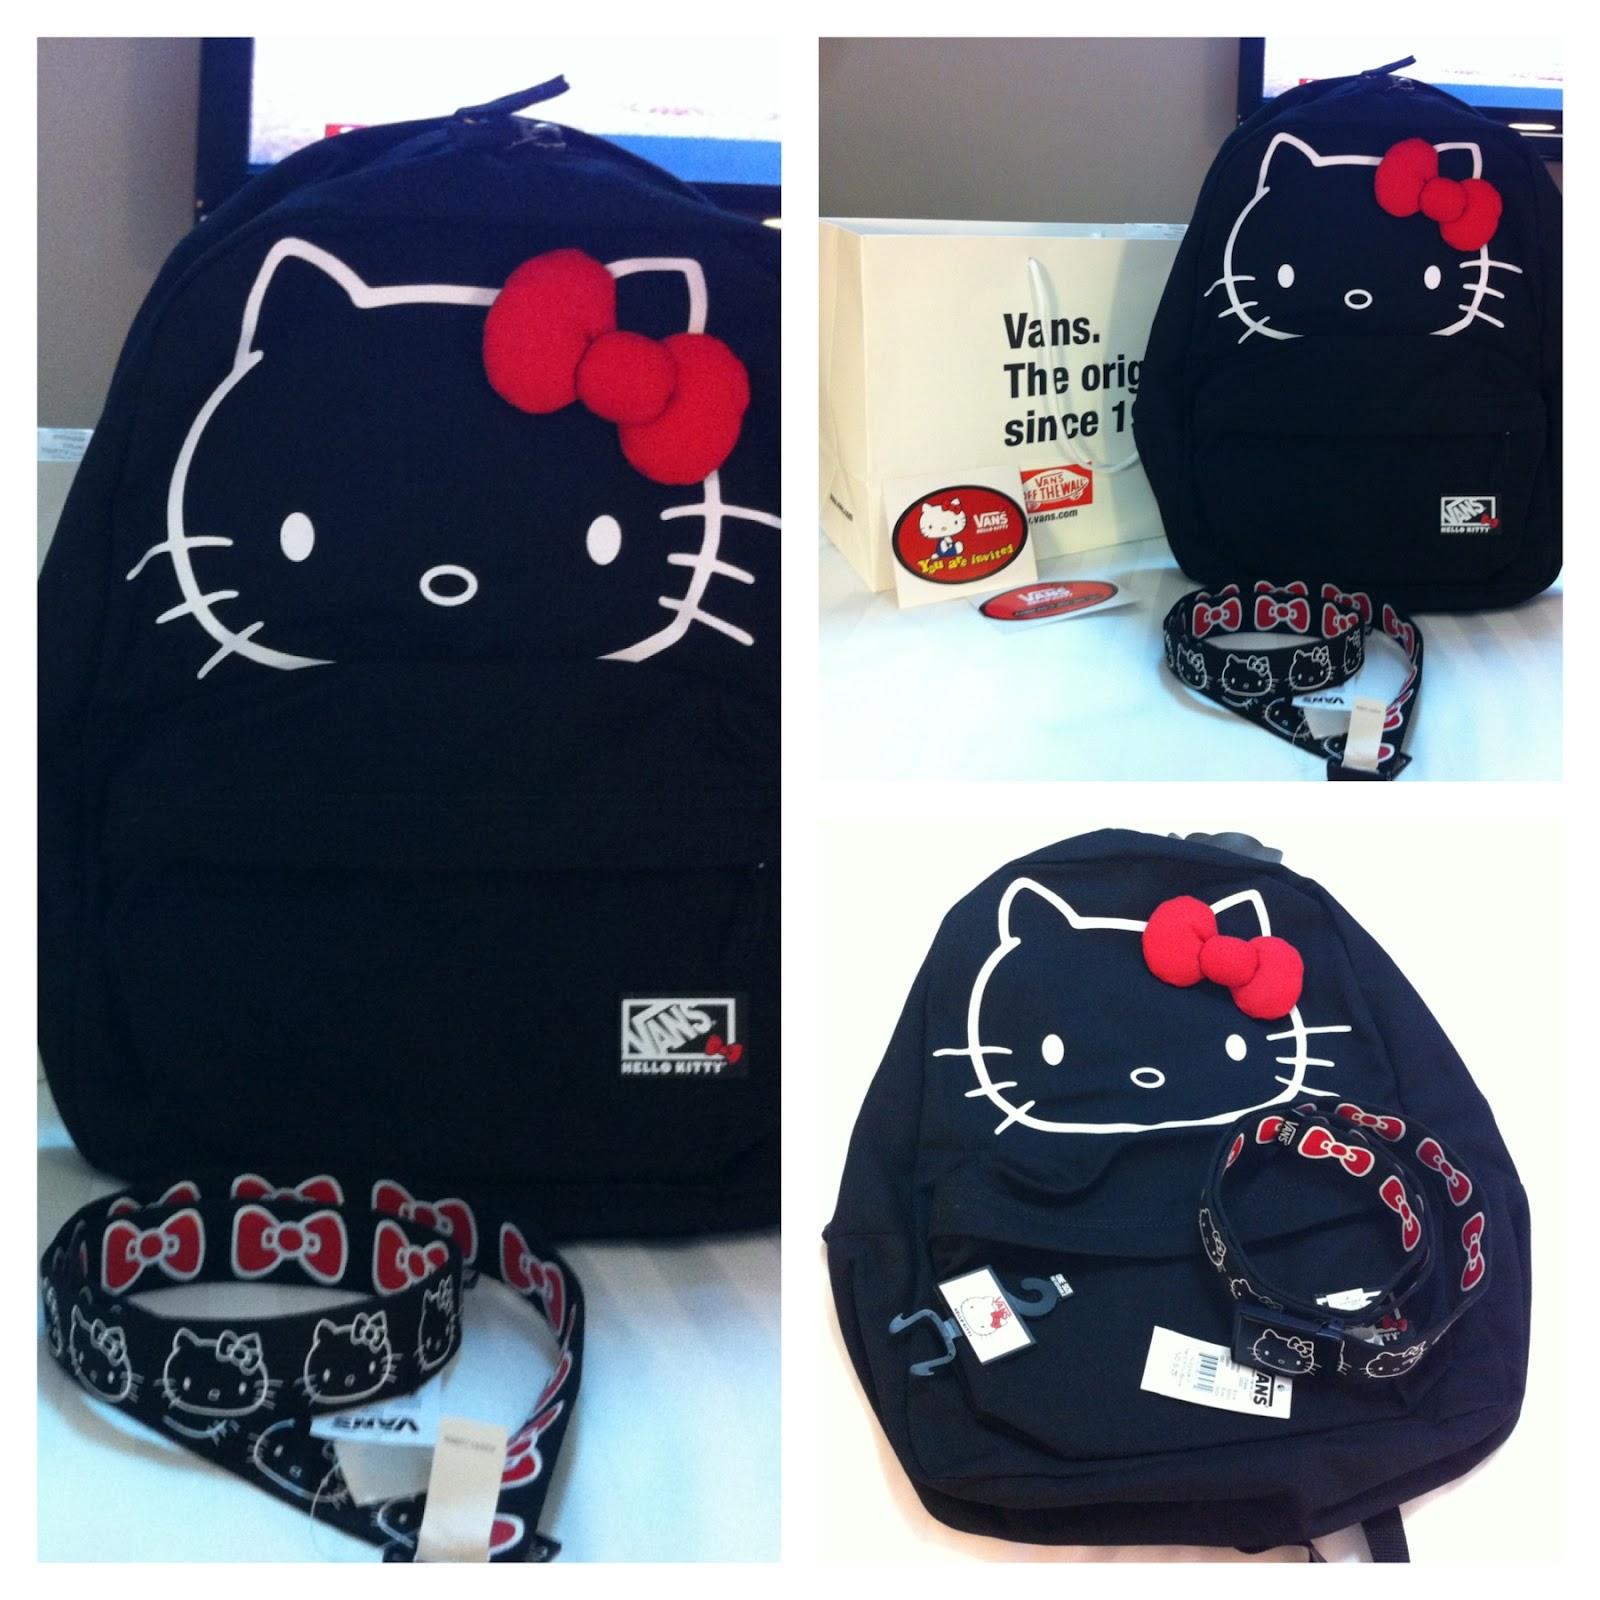 d1697e4f061 pusang maganda: vans new hello kitty collection